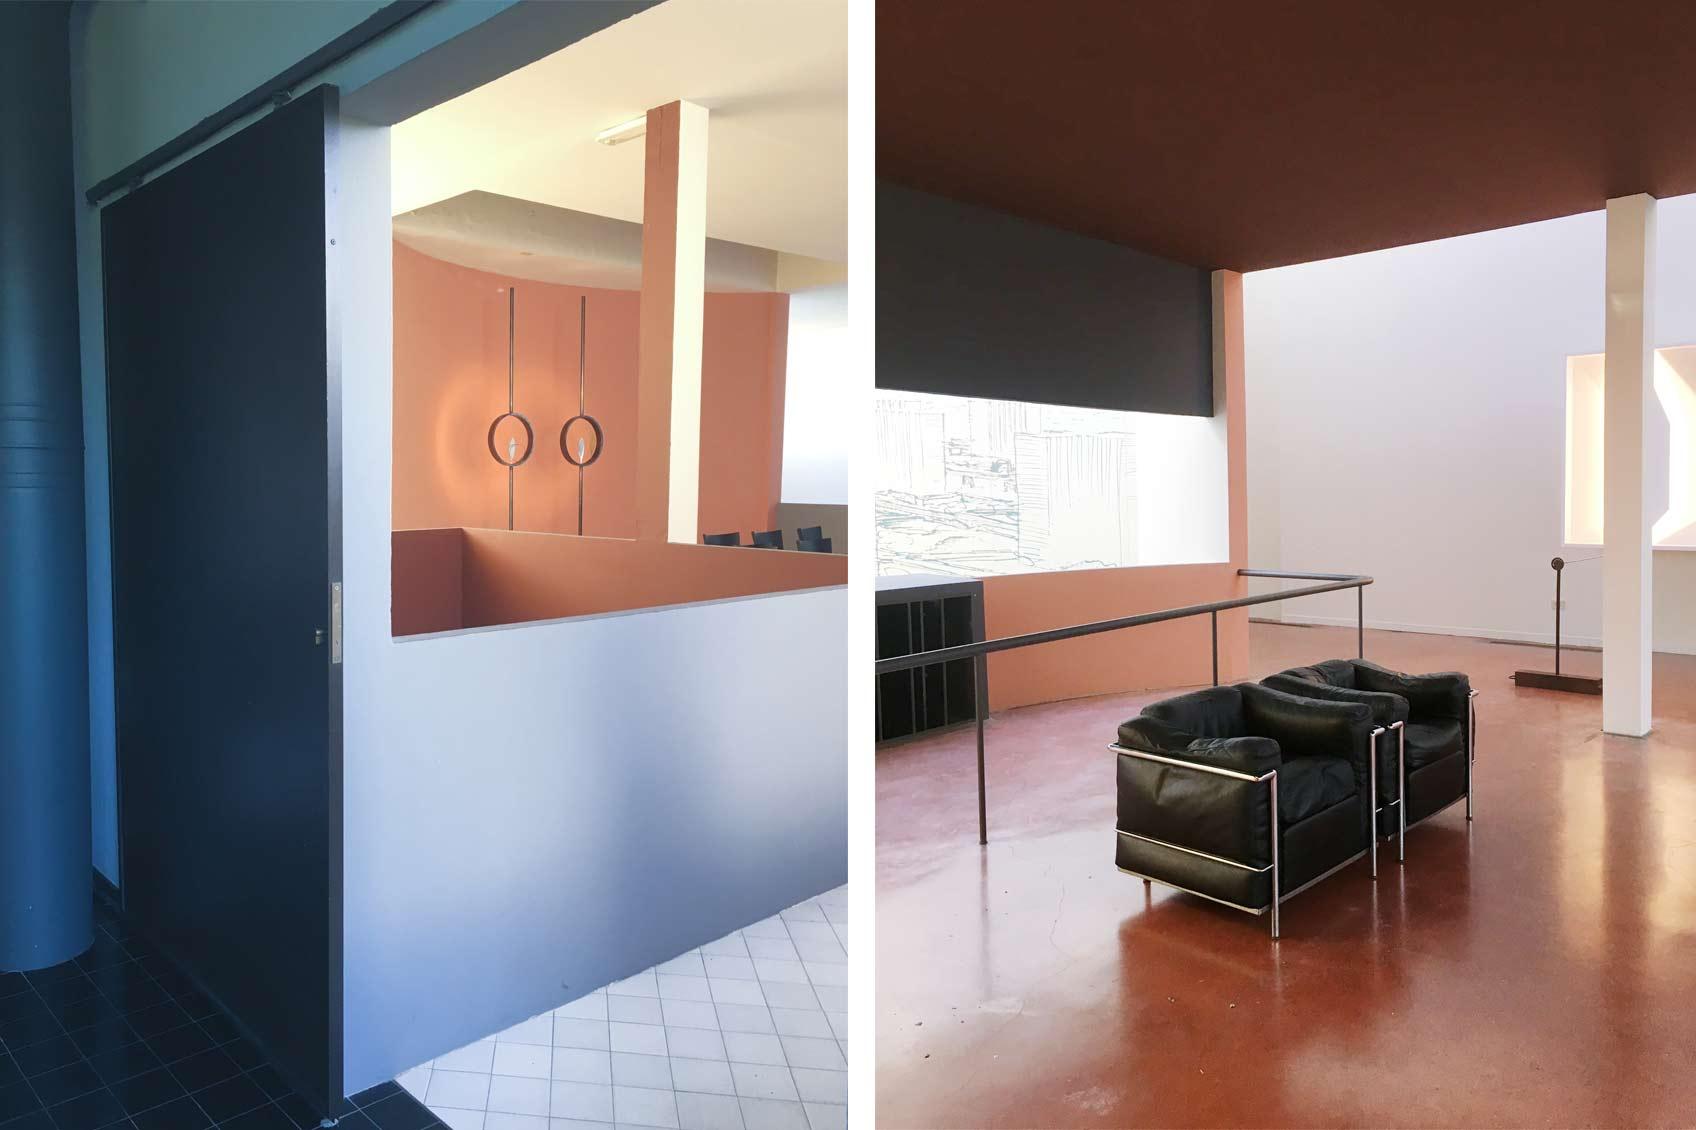 Le Corbusier Les 5 Points pavilion de l'esprit nouveau – an avant-garde vision of the